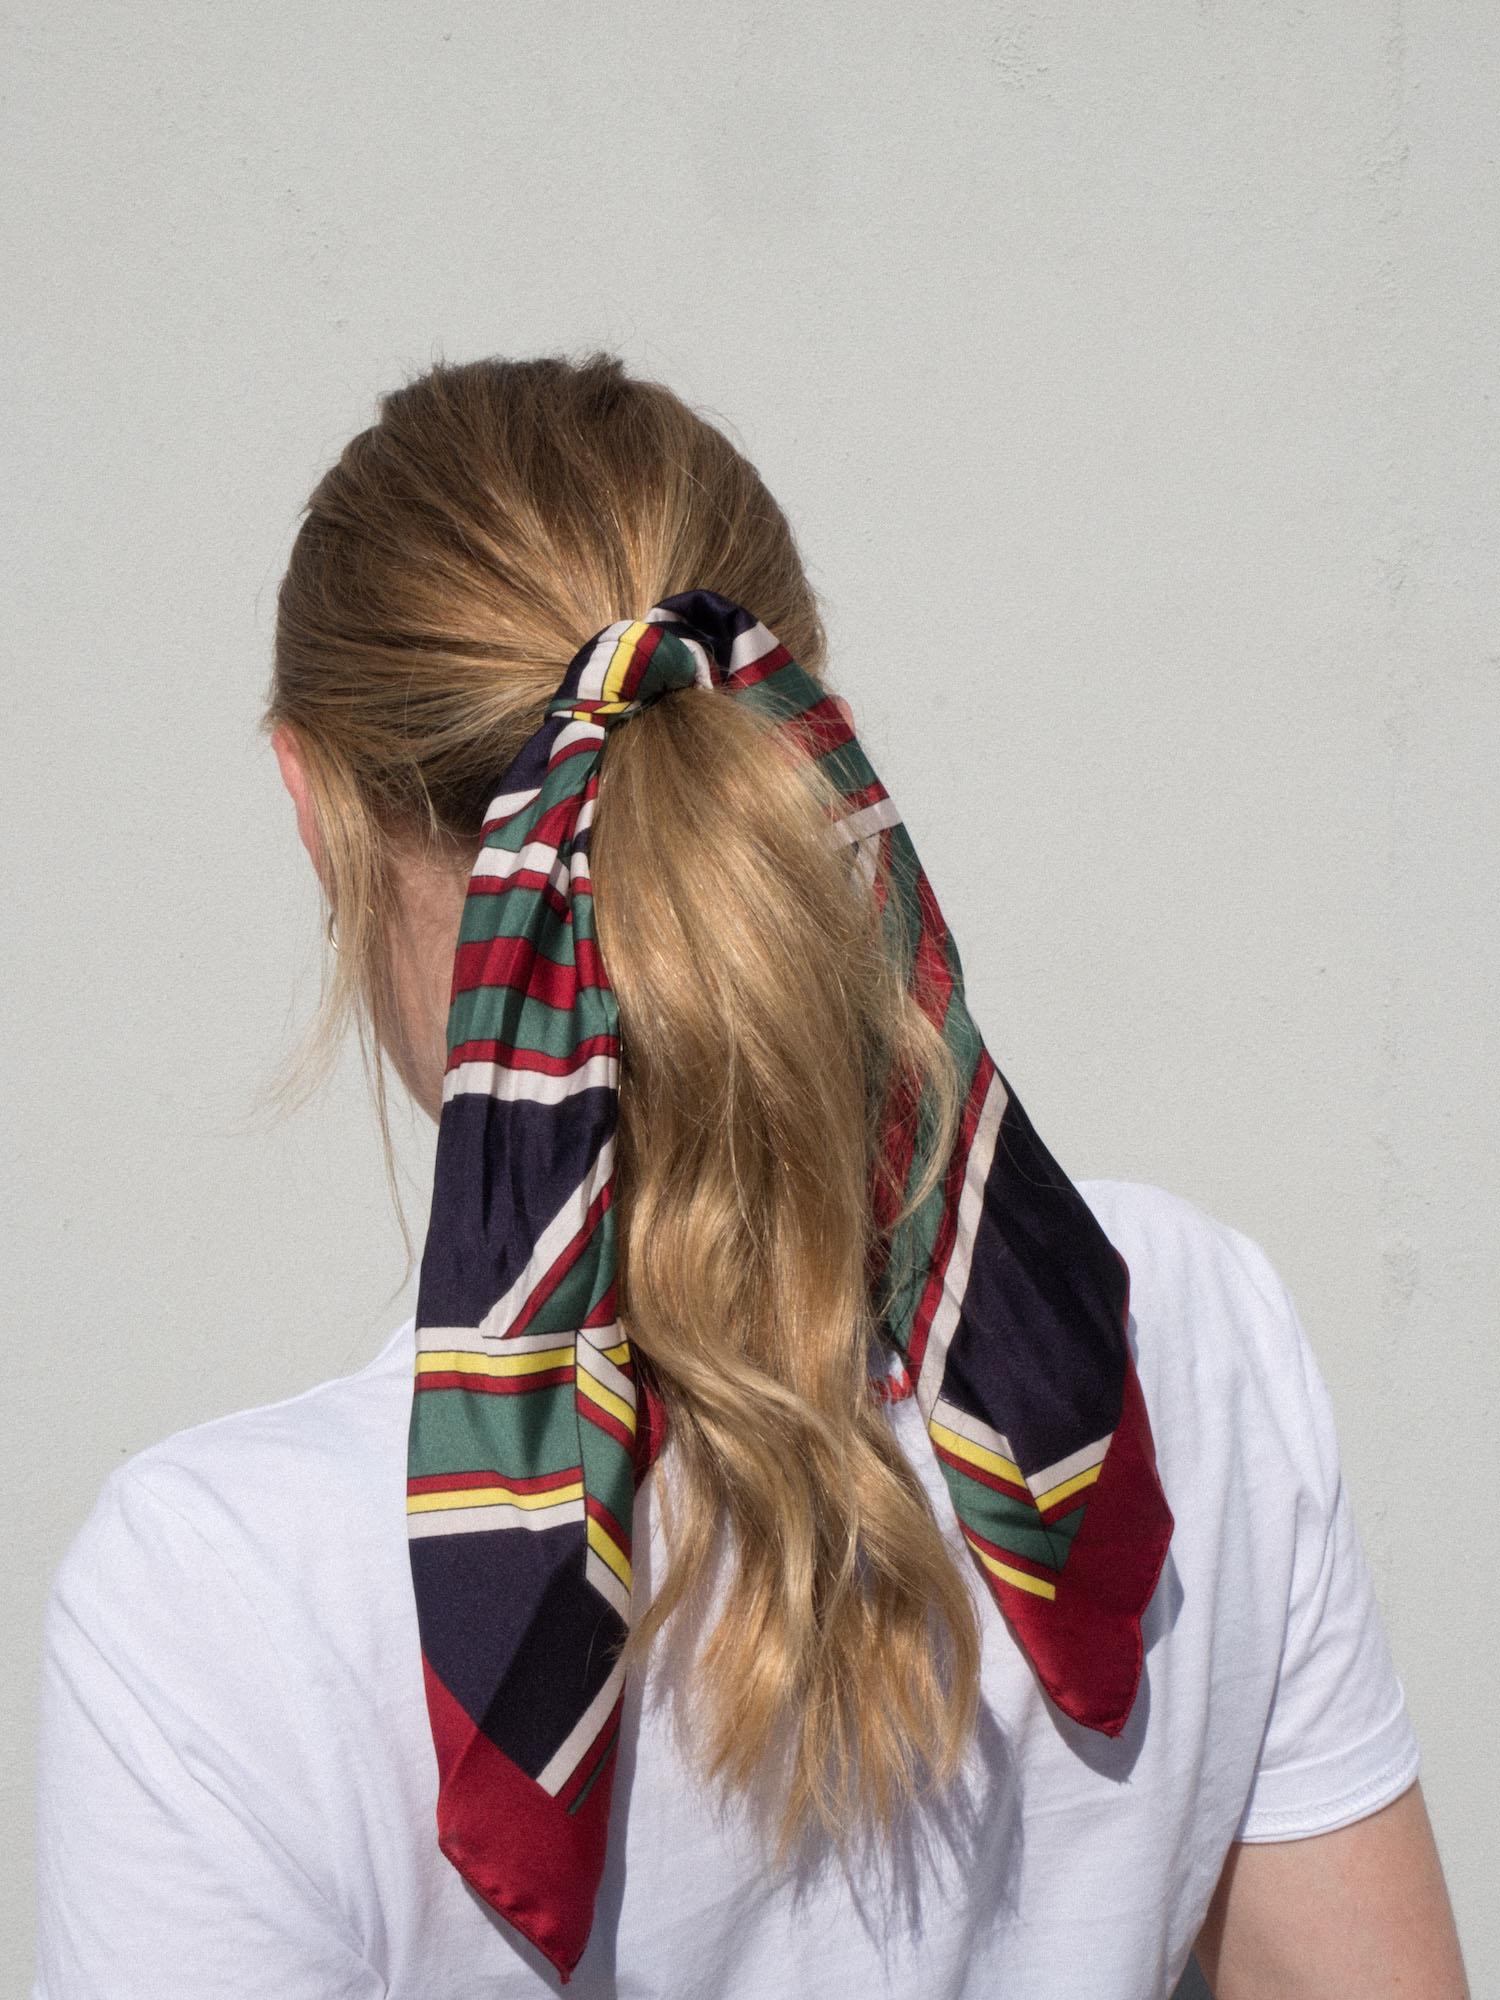 Beautyblog Haartrend 2018 Tücher